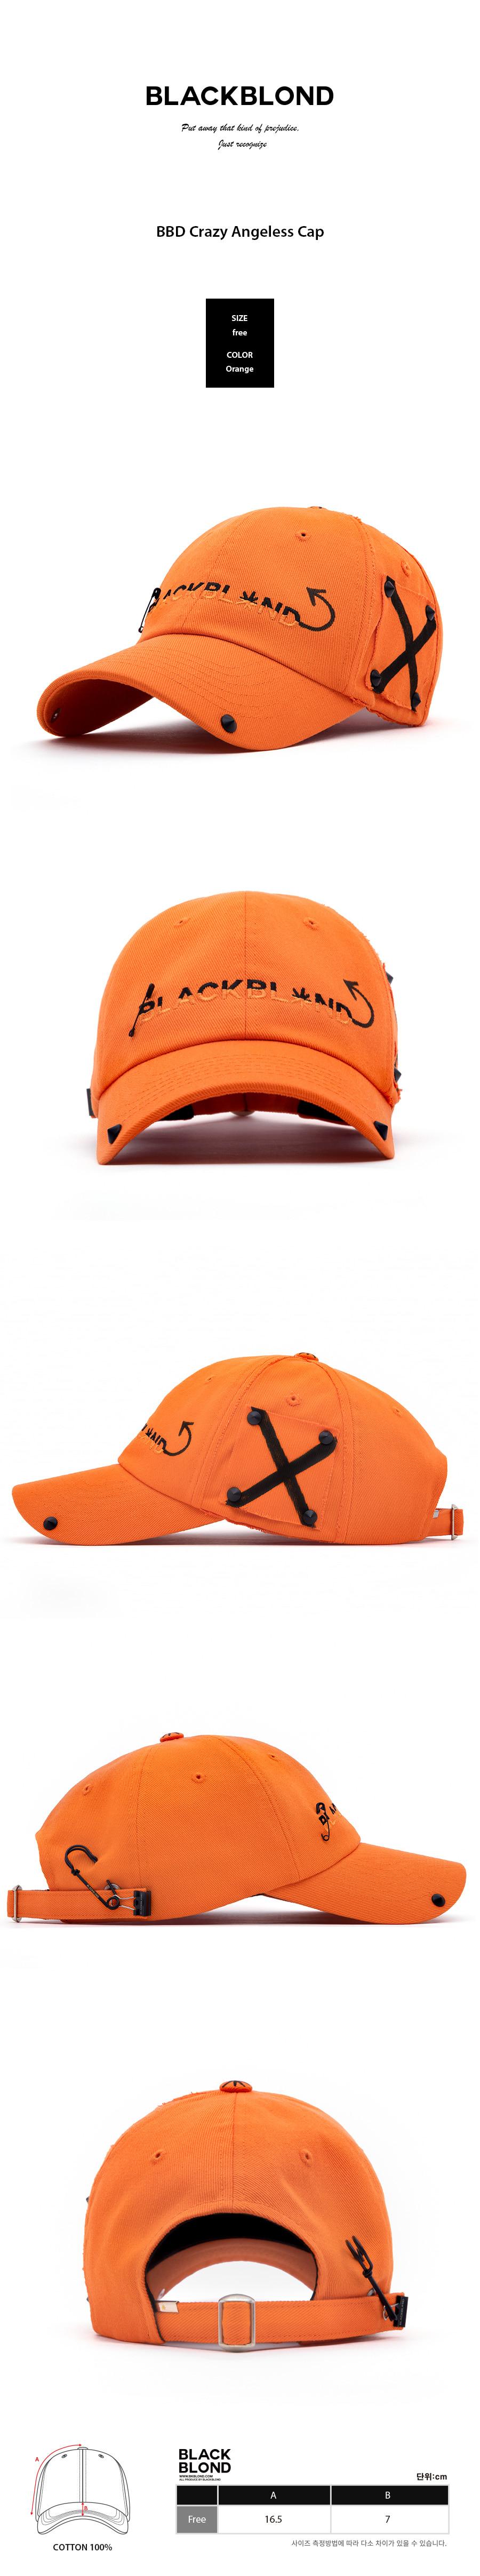 BLACKBLOND - BBD Crazy Angeless Cap (Orange)